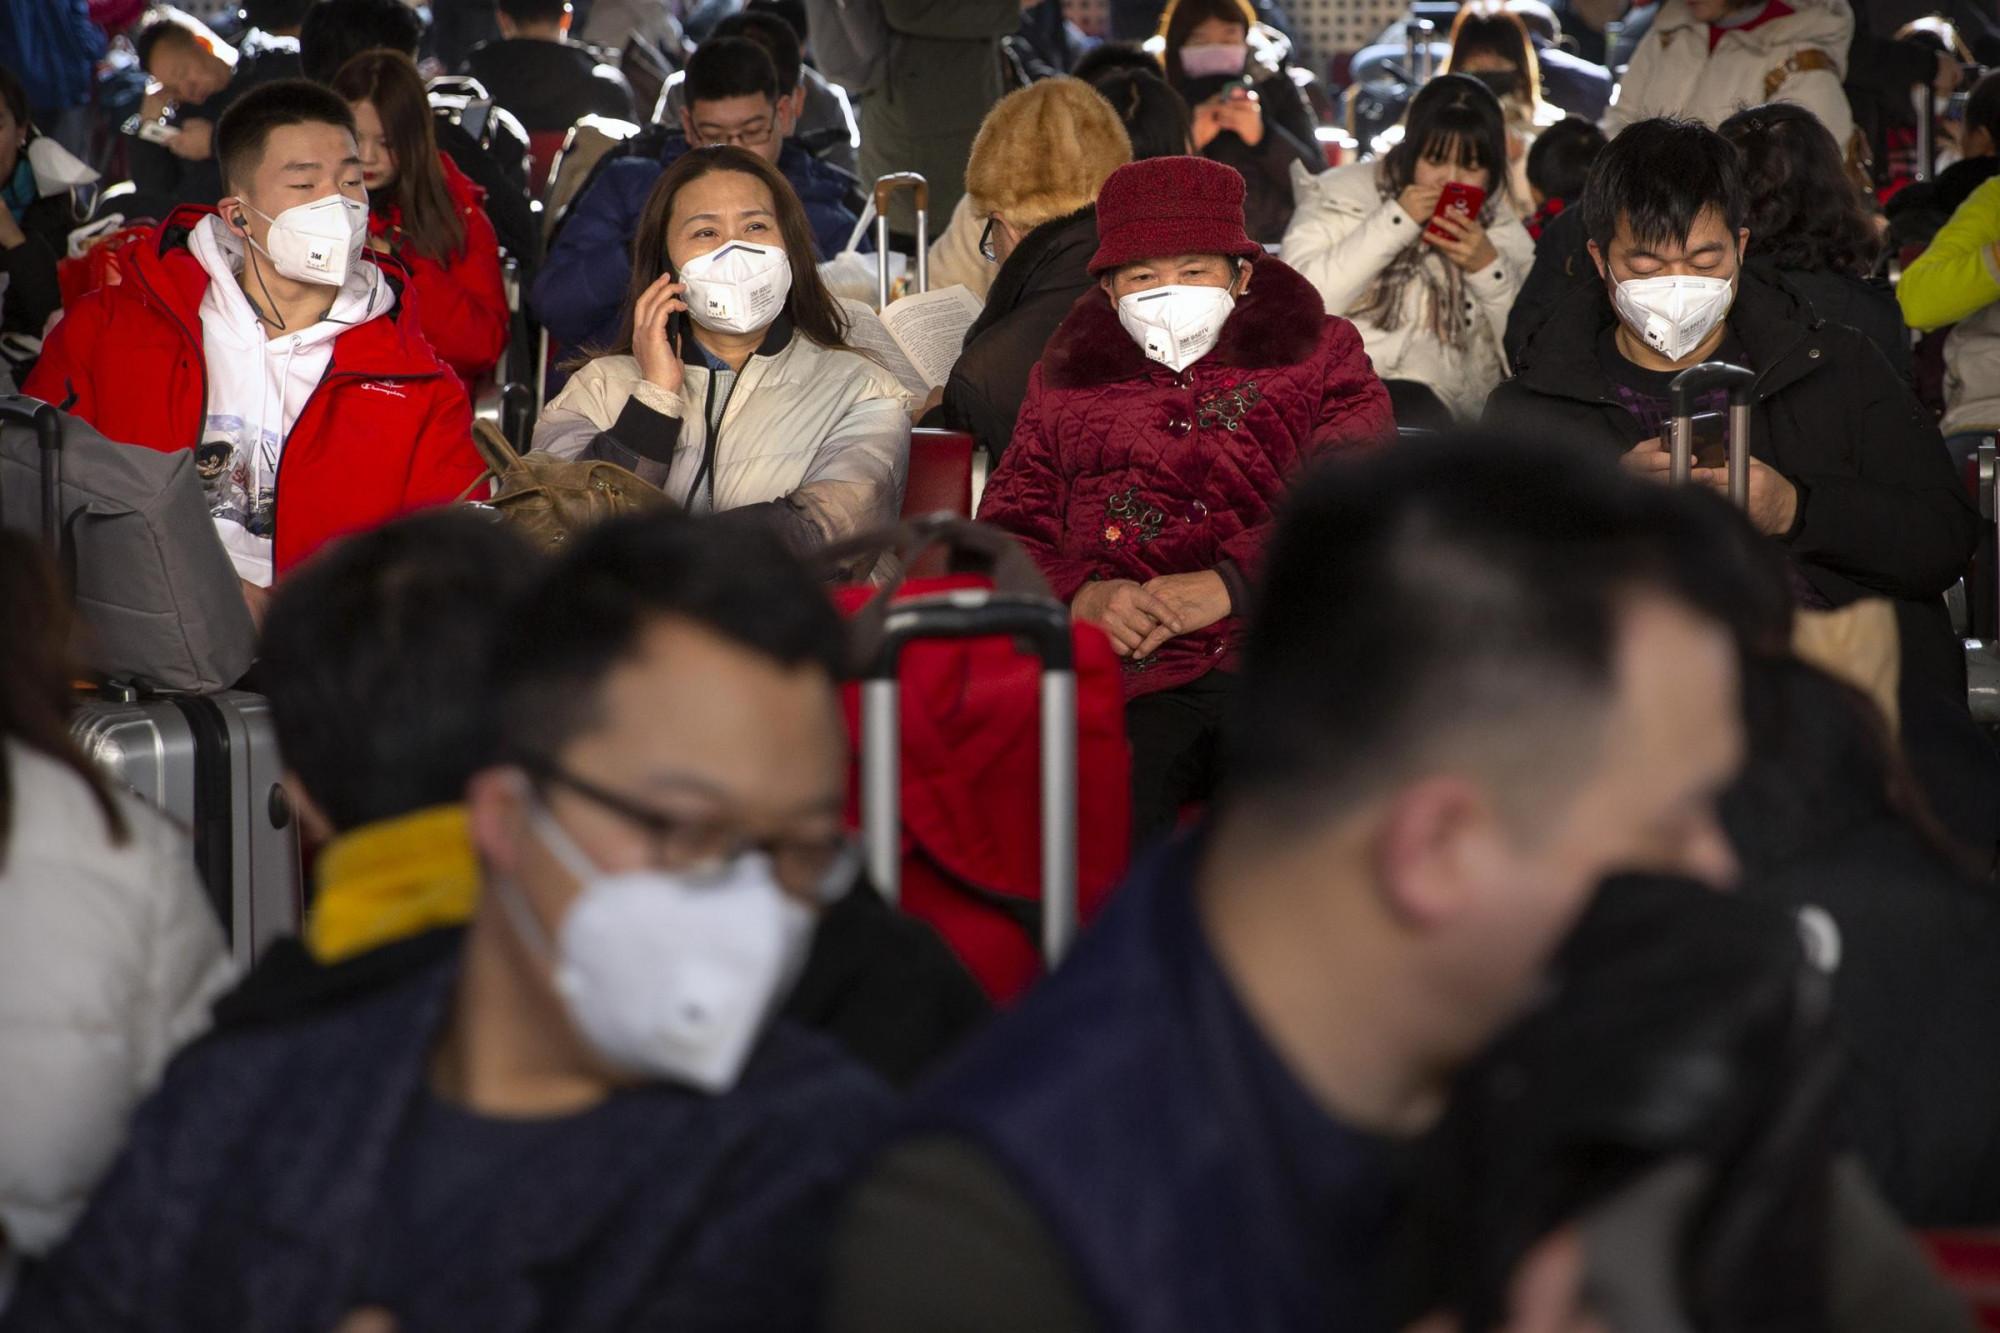 Hàng triệu người di chuyển vào dịp Tết Nguyên đán tại Trung Quốc có thể là điều kiện khiến bệnh lây lan nhanh.